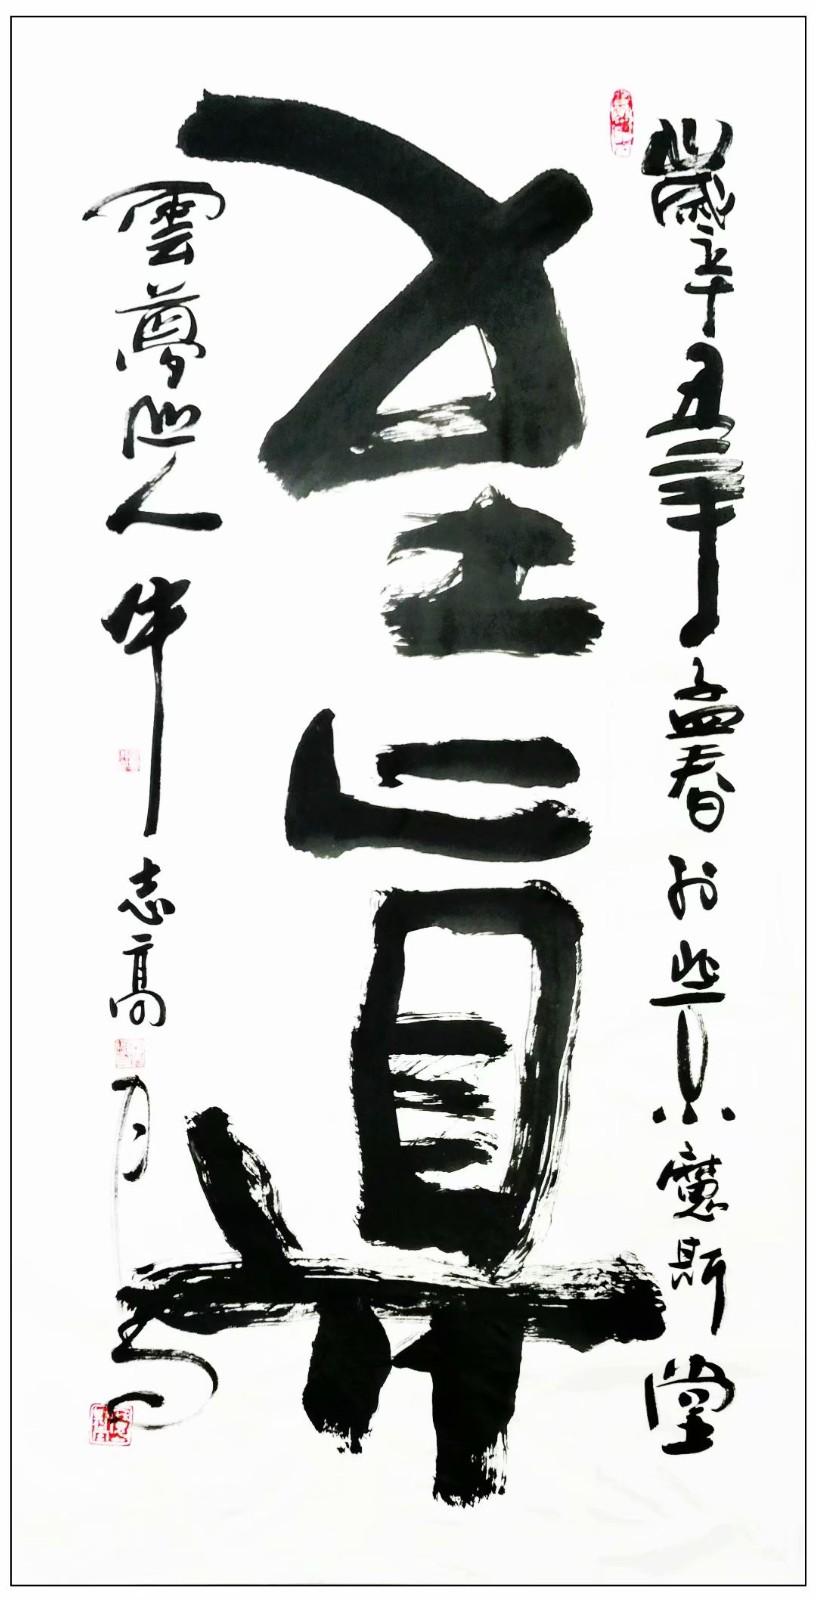 牛志高辛丑年书法新作---2021.02.20_图1-19